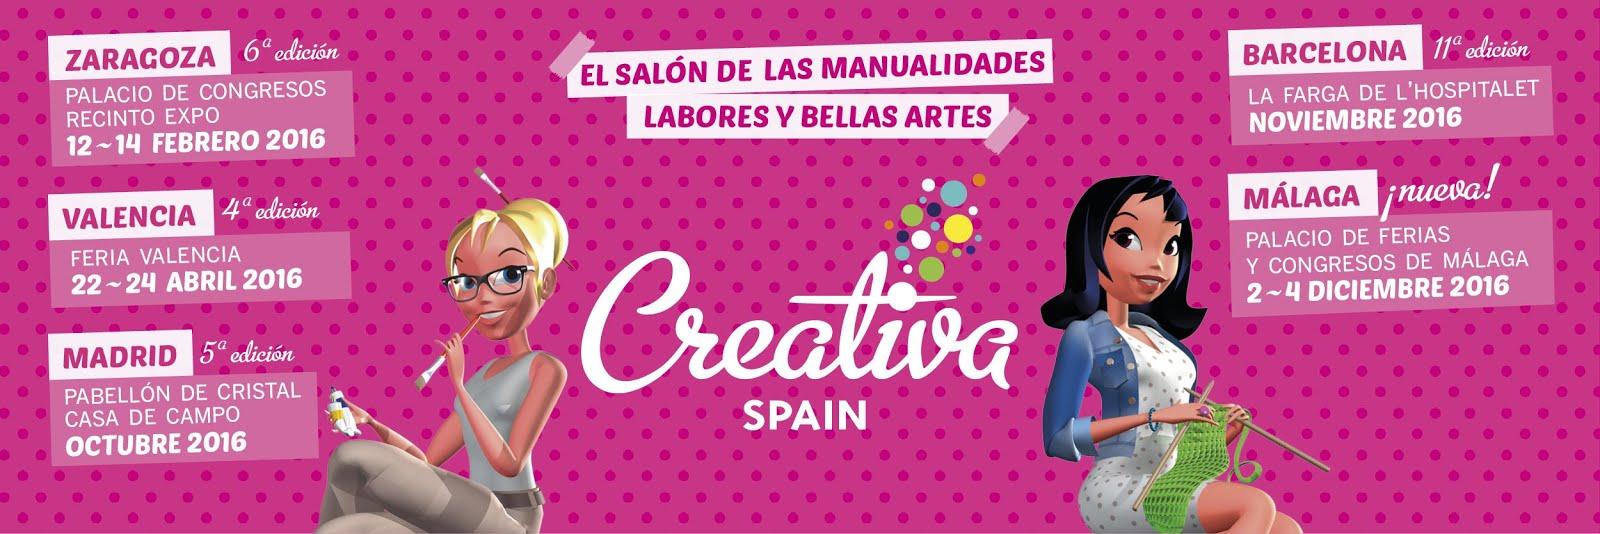 Manualidades Y Tendencias Octubre 2016 ~ Cursos De Manualidades En Madrid